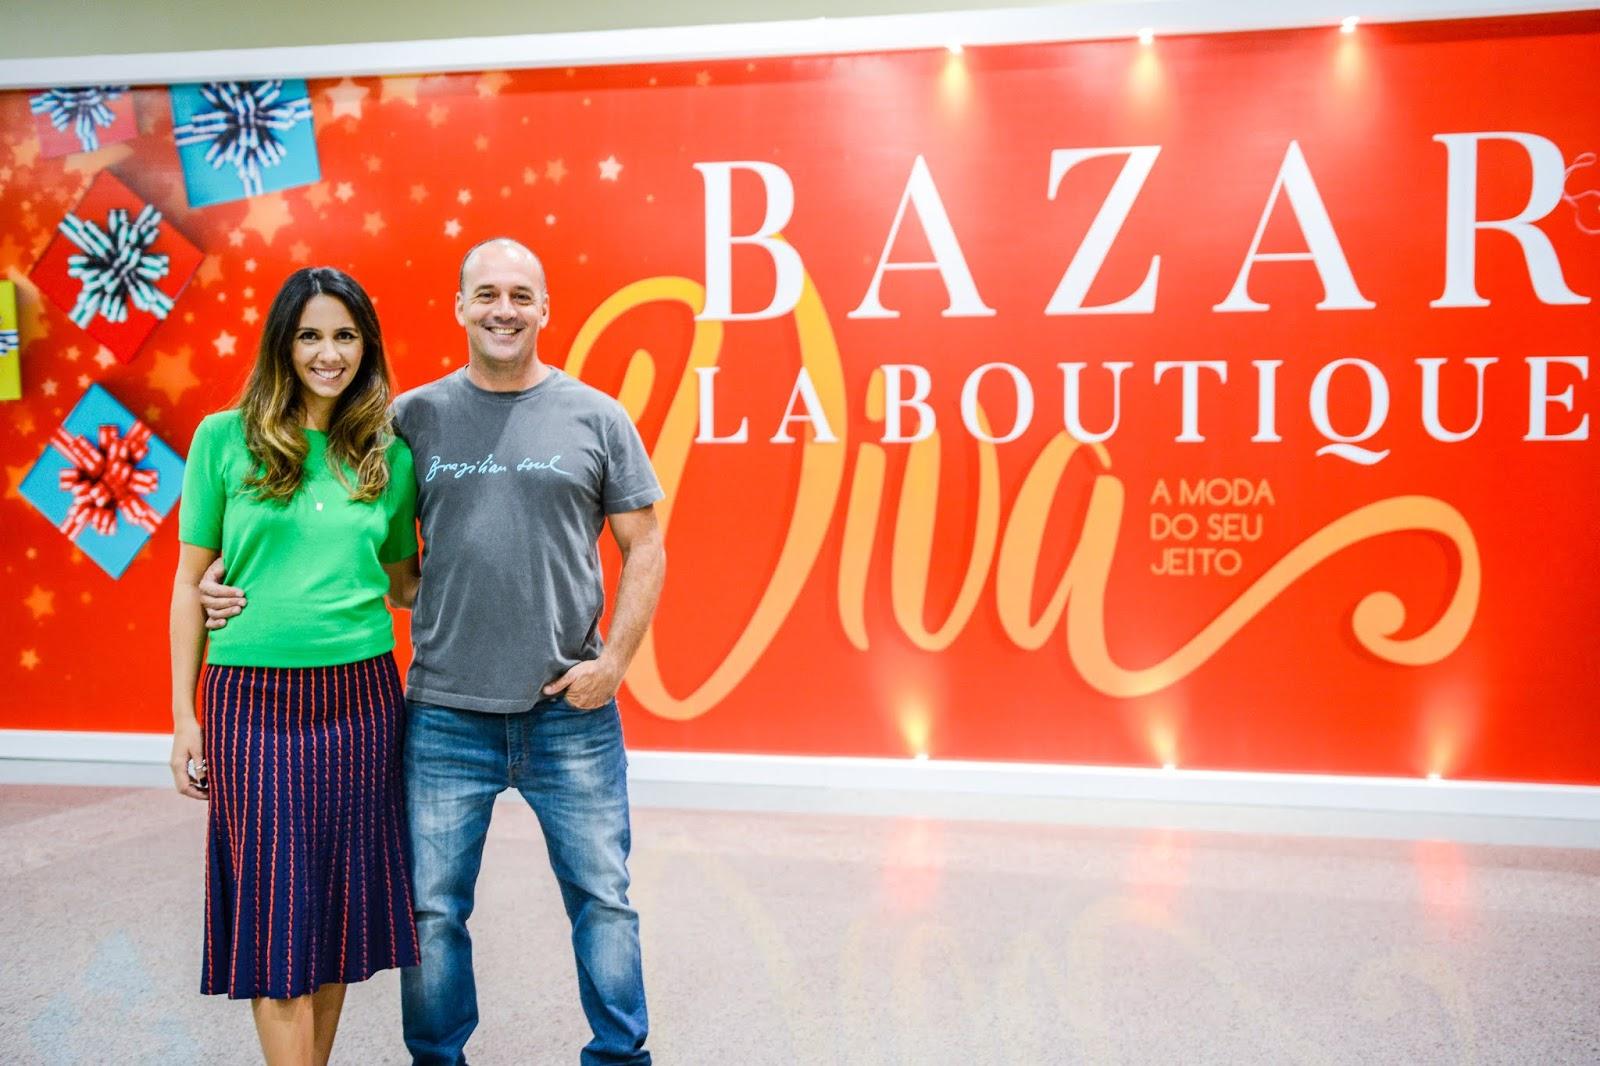 Avante do Bazar La Boutique de amanhã a sábado 0c63e4c77e